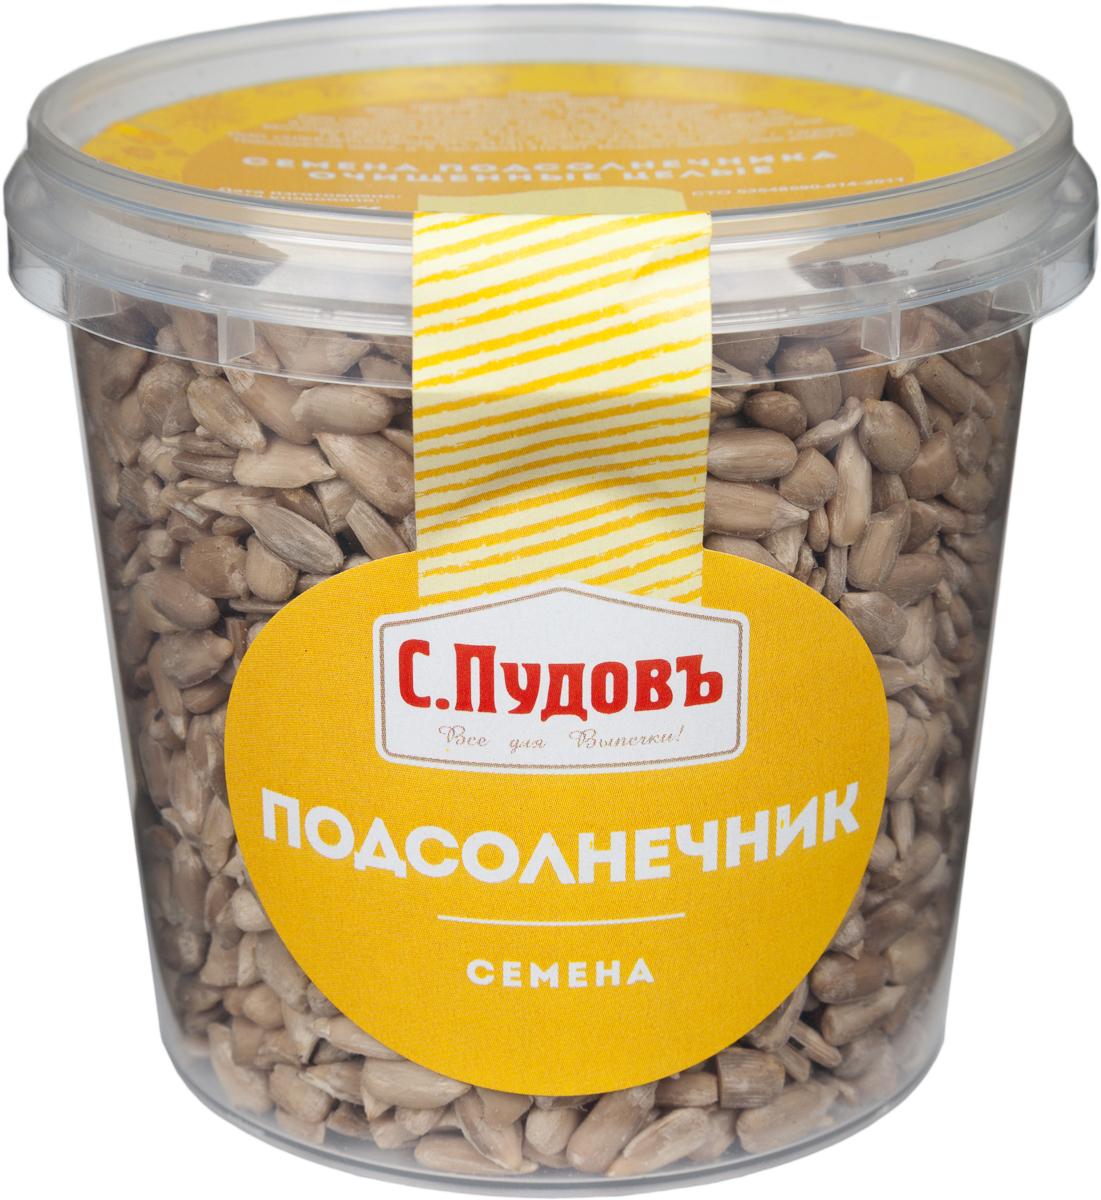 Пудовъ семена подсолнечника очищенные целые, 170 г0120710Очищенные семена подсолнечника — продукт, знакомый каждому с детства. Ядро подсолнечника богат полезными веществами и микроэлементами; он содержит фосфор, магний, кальций, калий, витамины В, D, Е. Белки, минералы, полинасыщенные жирные кислоты, которые также входят в состав семян, обладают пищевой и биологической ценностью.